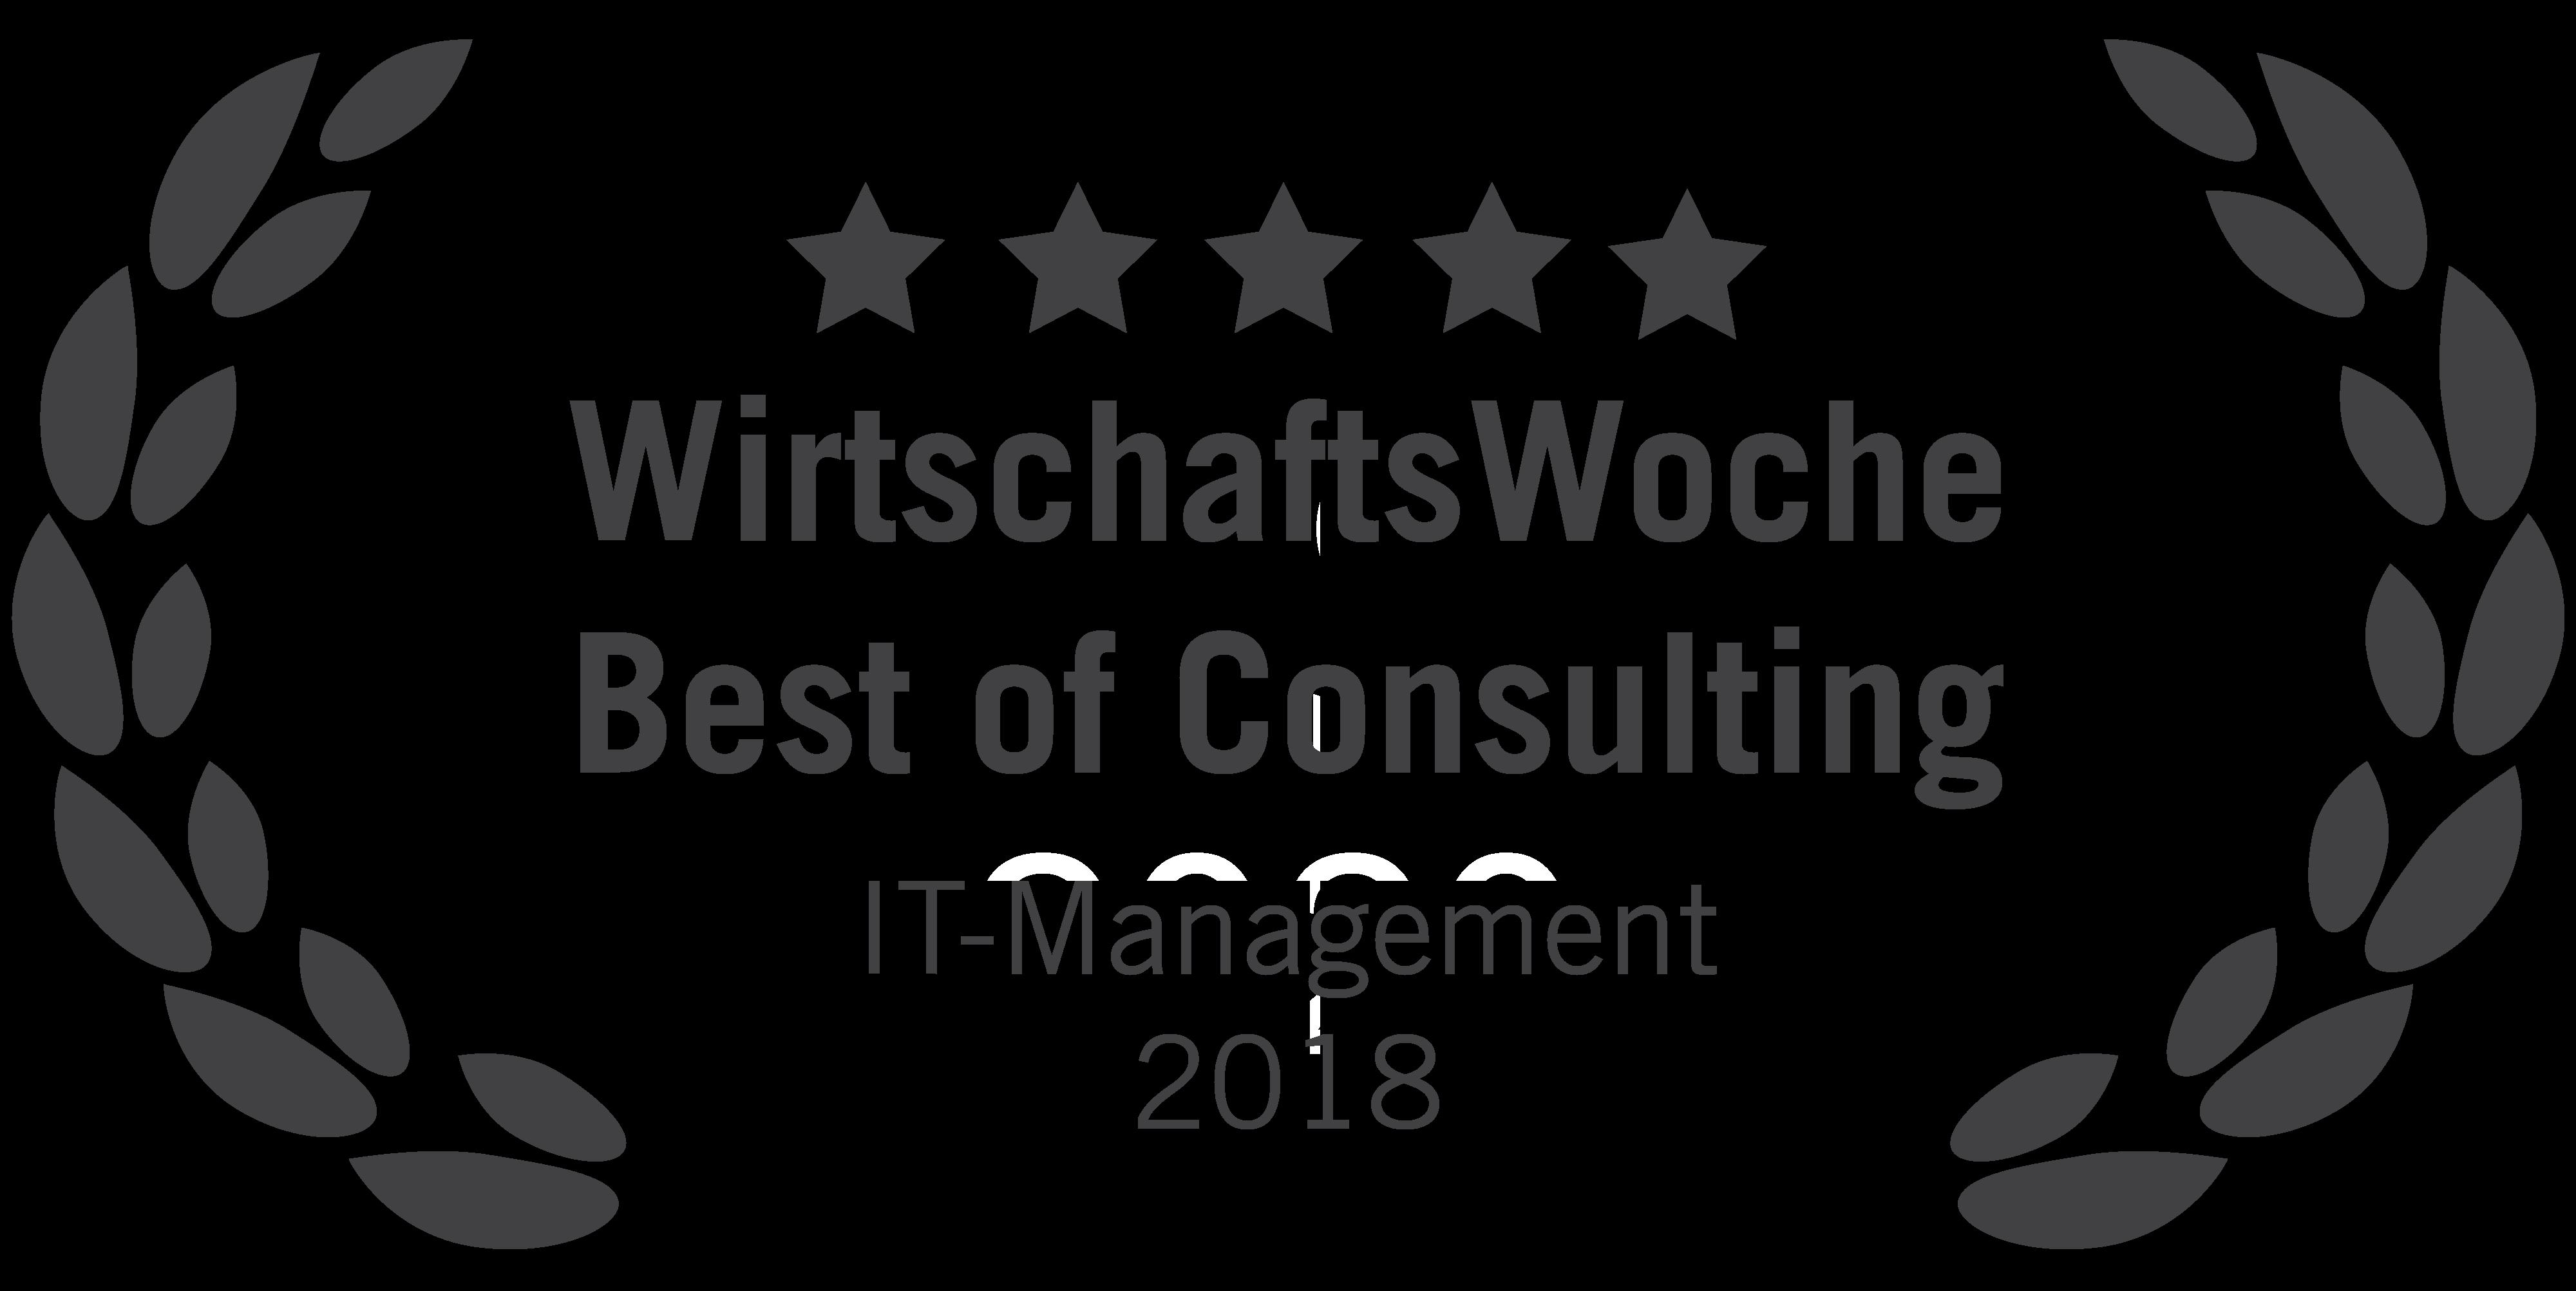 Die WirtschaftsWoche hat die erfolgreichsten Berater in 22 Kategorien ausgezeichnet. blueforte konnte die Kategorie IT-Management mit dem ersten Platz für sich entscheiden.